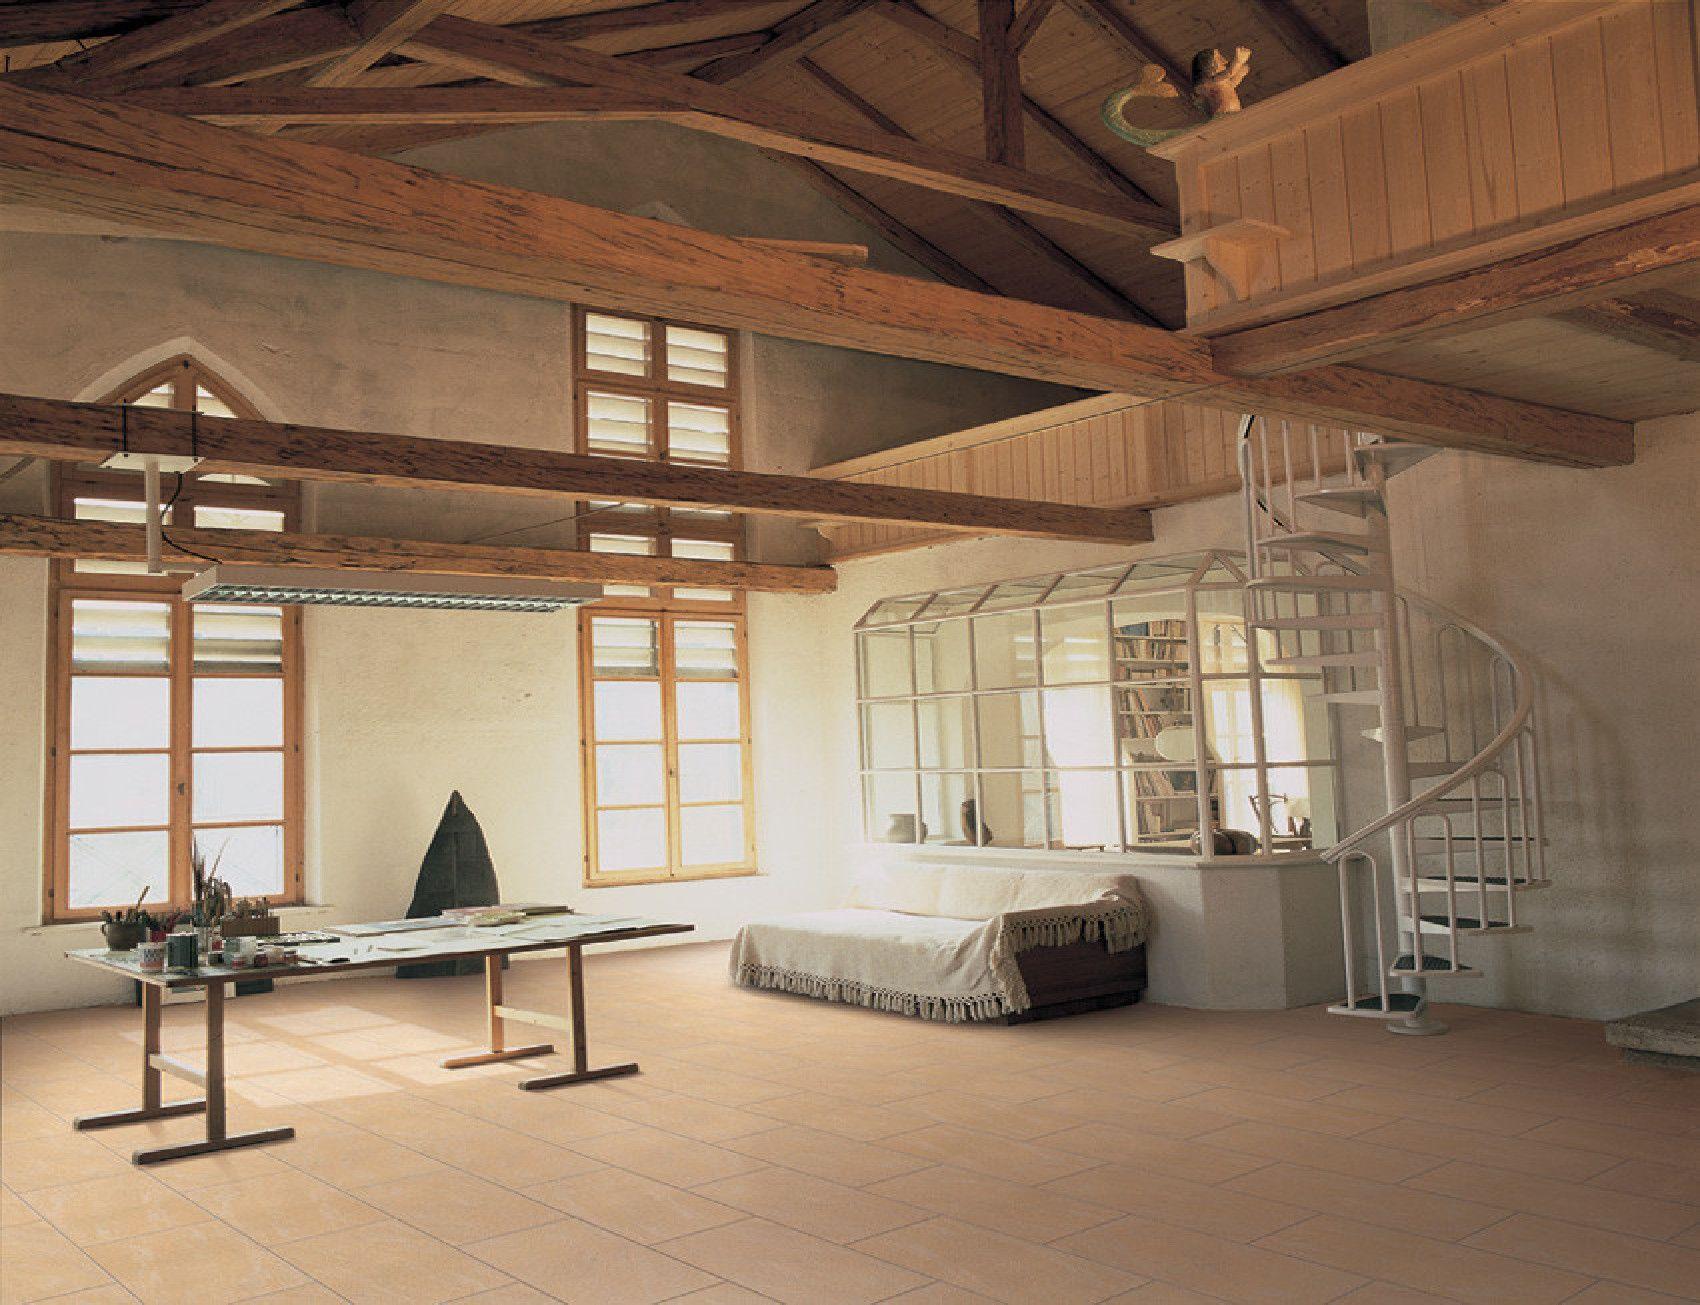 Suelos y revestimientos de gres porcelanico para interior y exterior floornature - Revestimientos de suelos ...